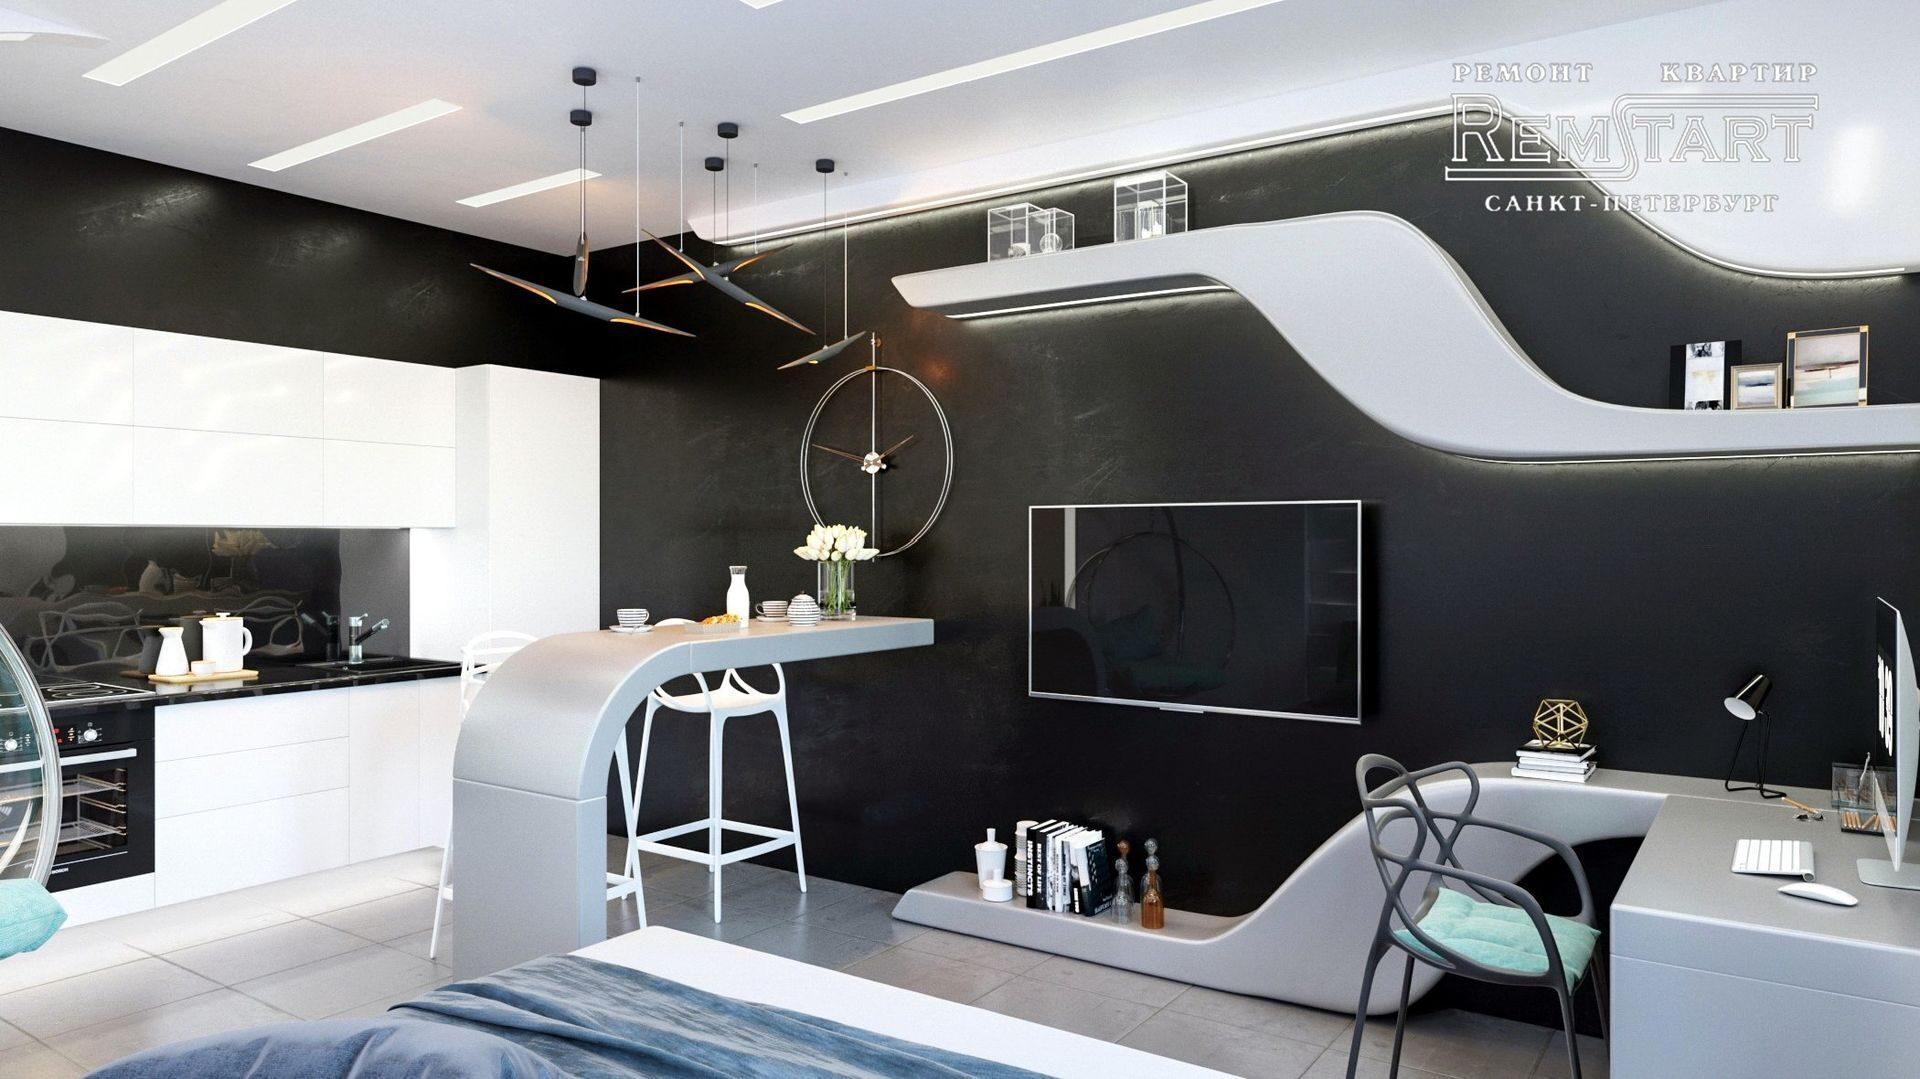 посмотреть дизайн квартир фото